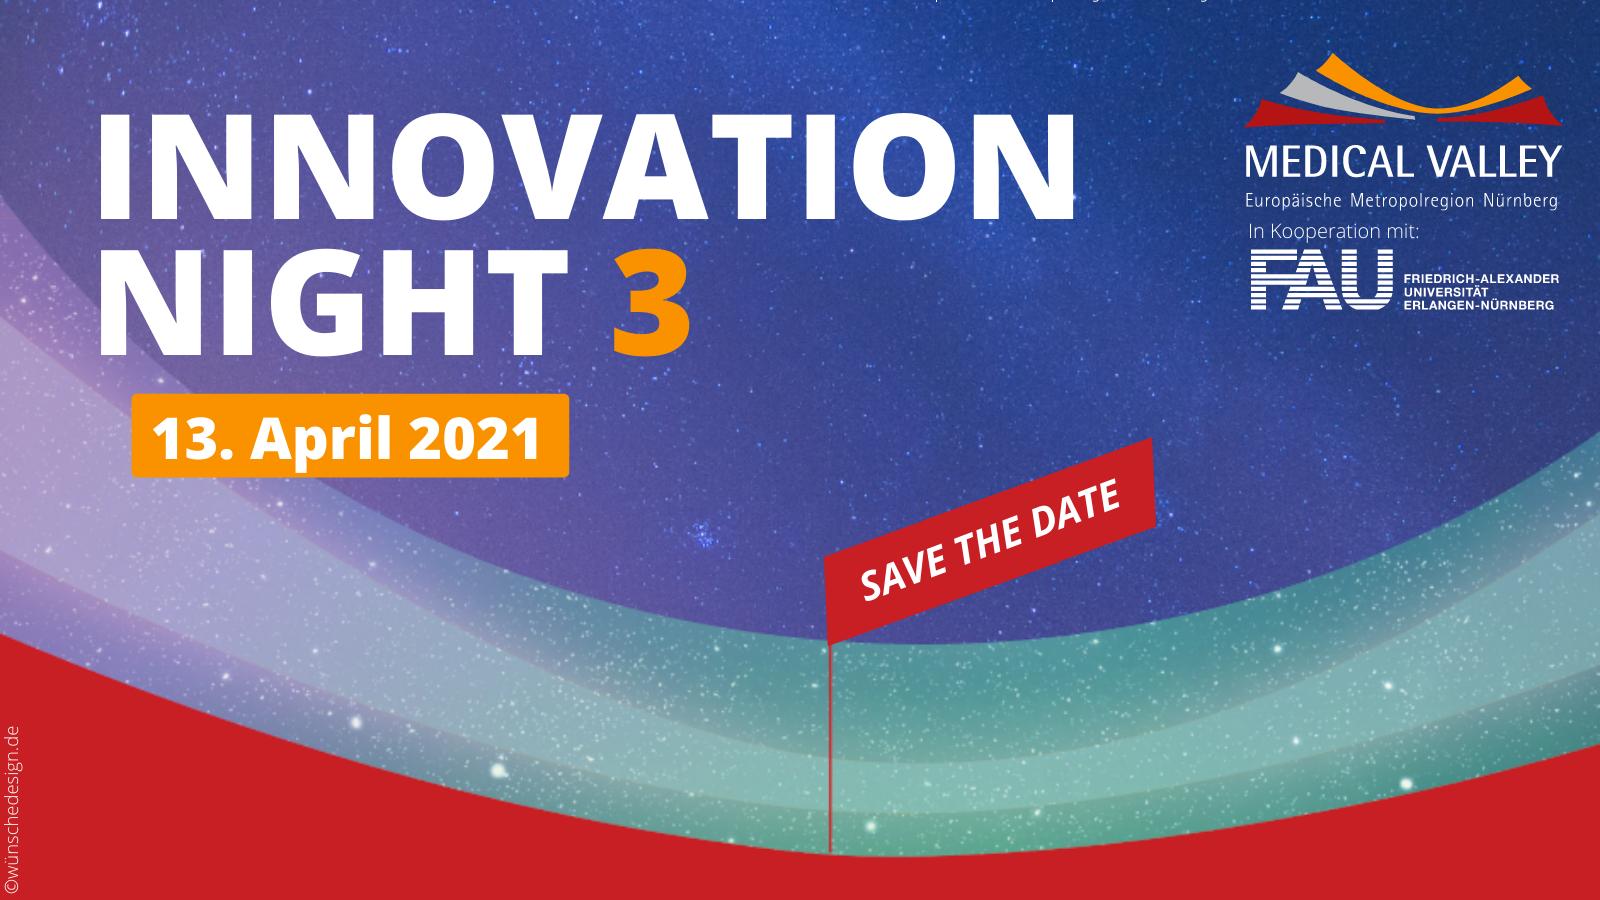 Medical Valley Innovation Night 3